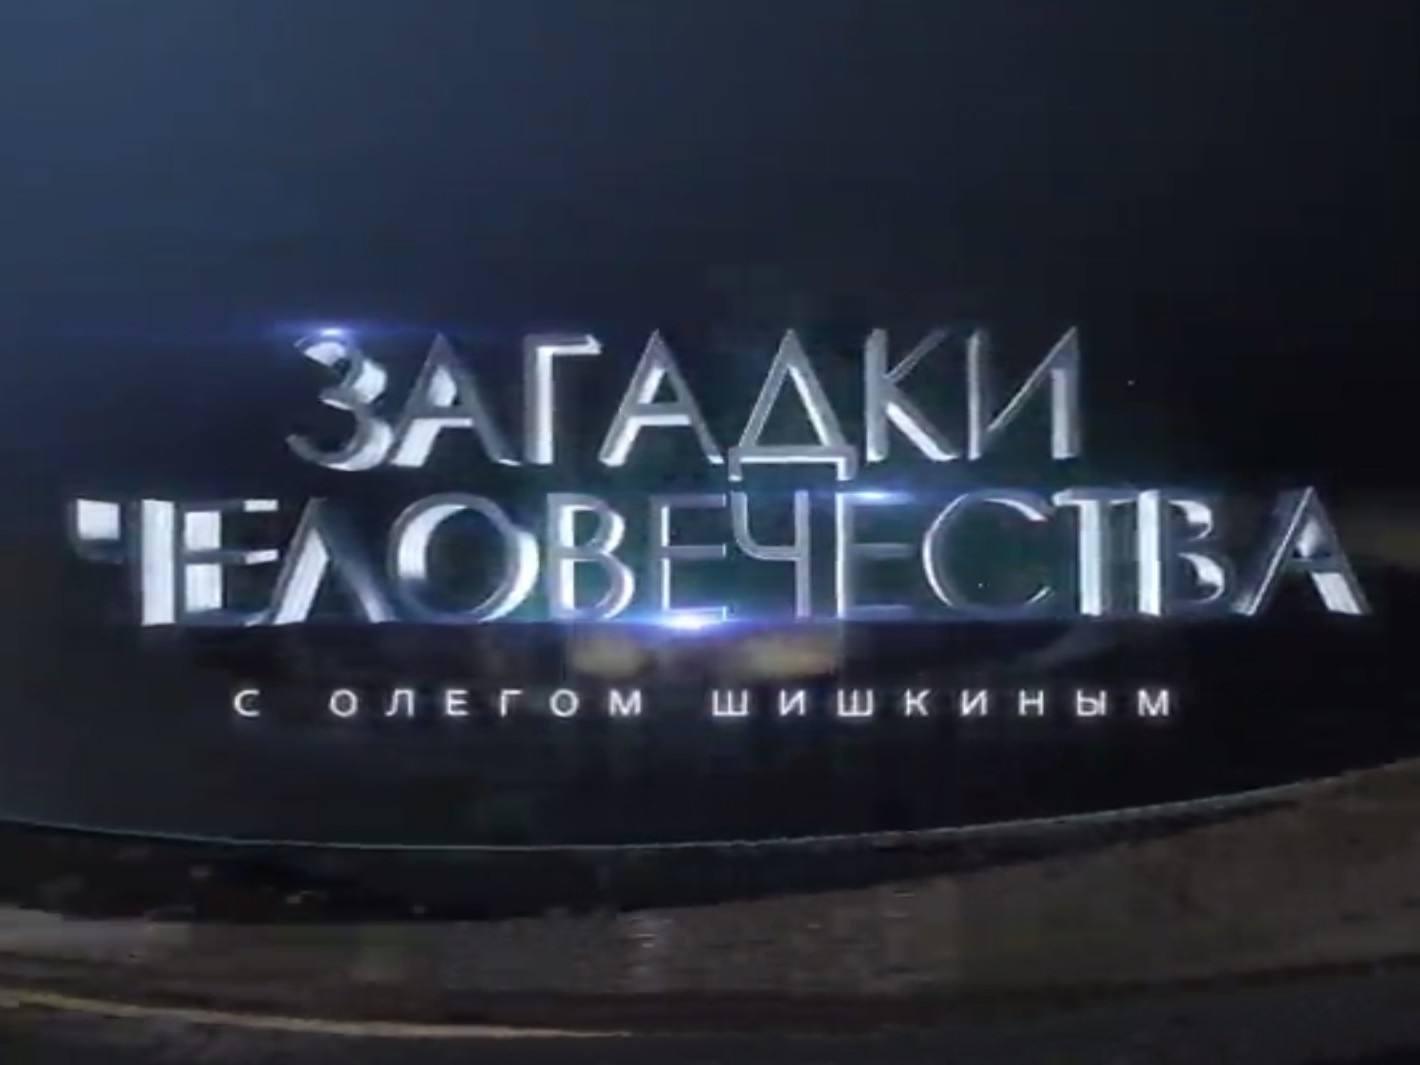 программа РЕН ТВ: Загадки человечества 340 серия